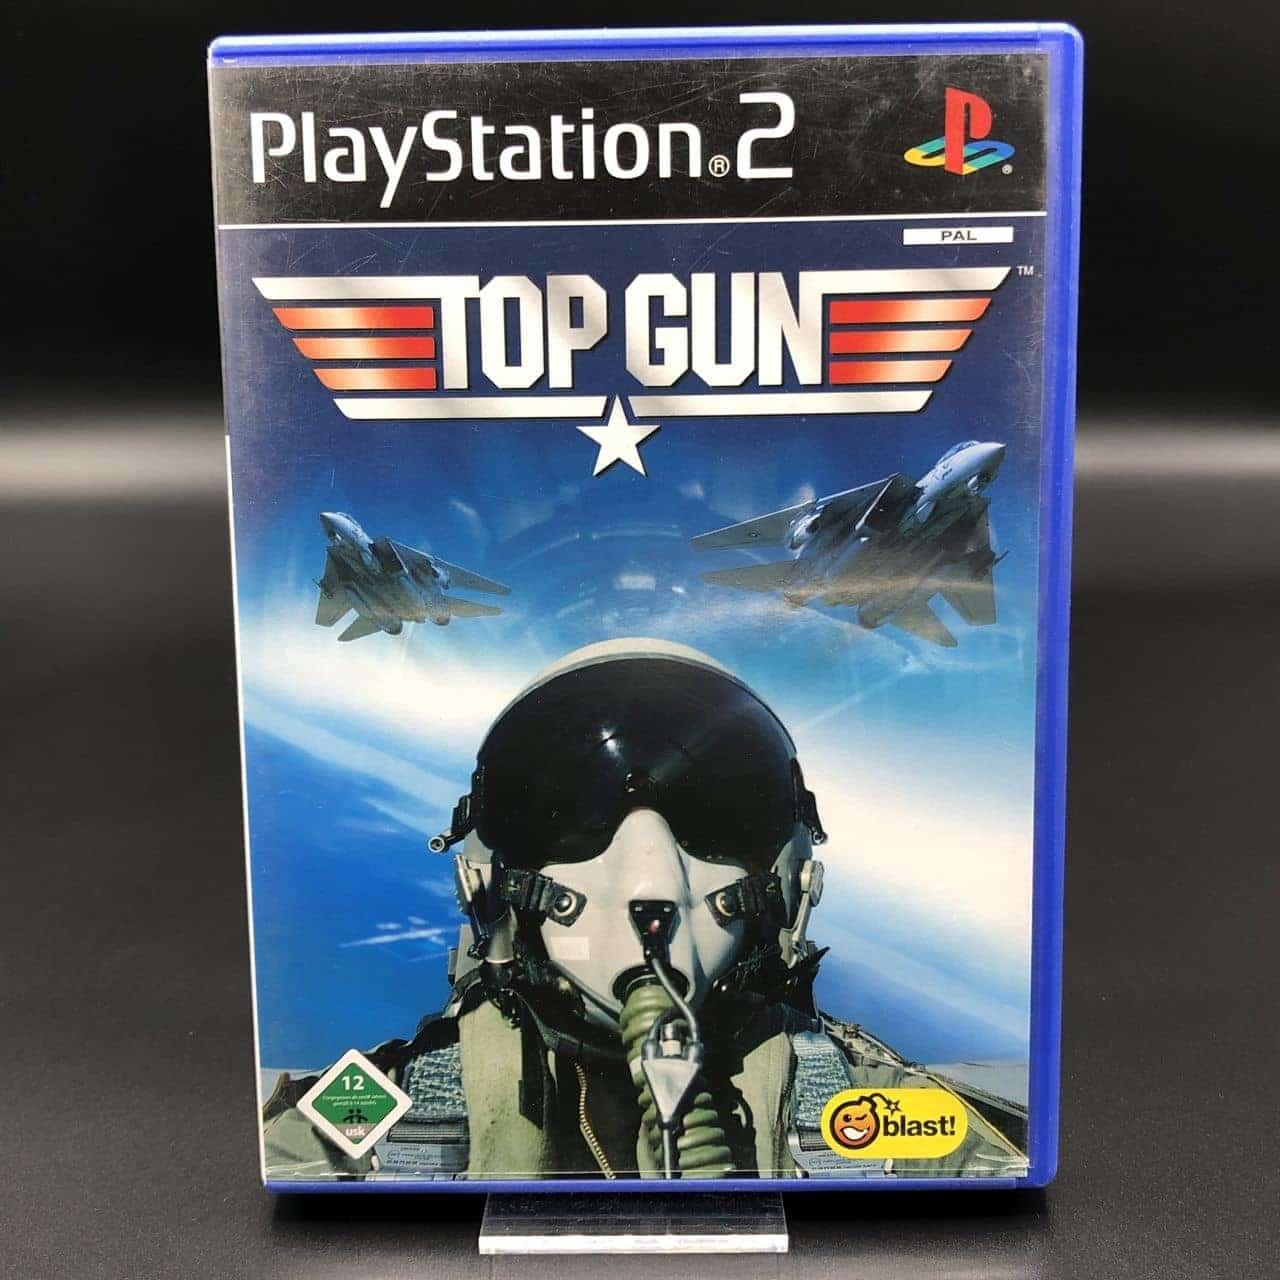 PS2 Top Gun (Komplett) (Gut) Sony PlayStation 2